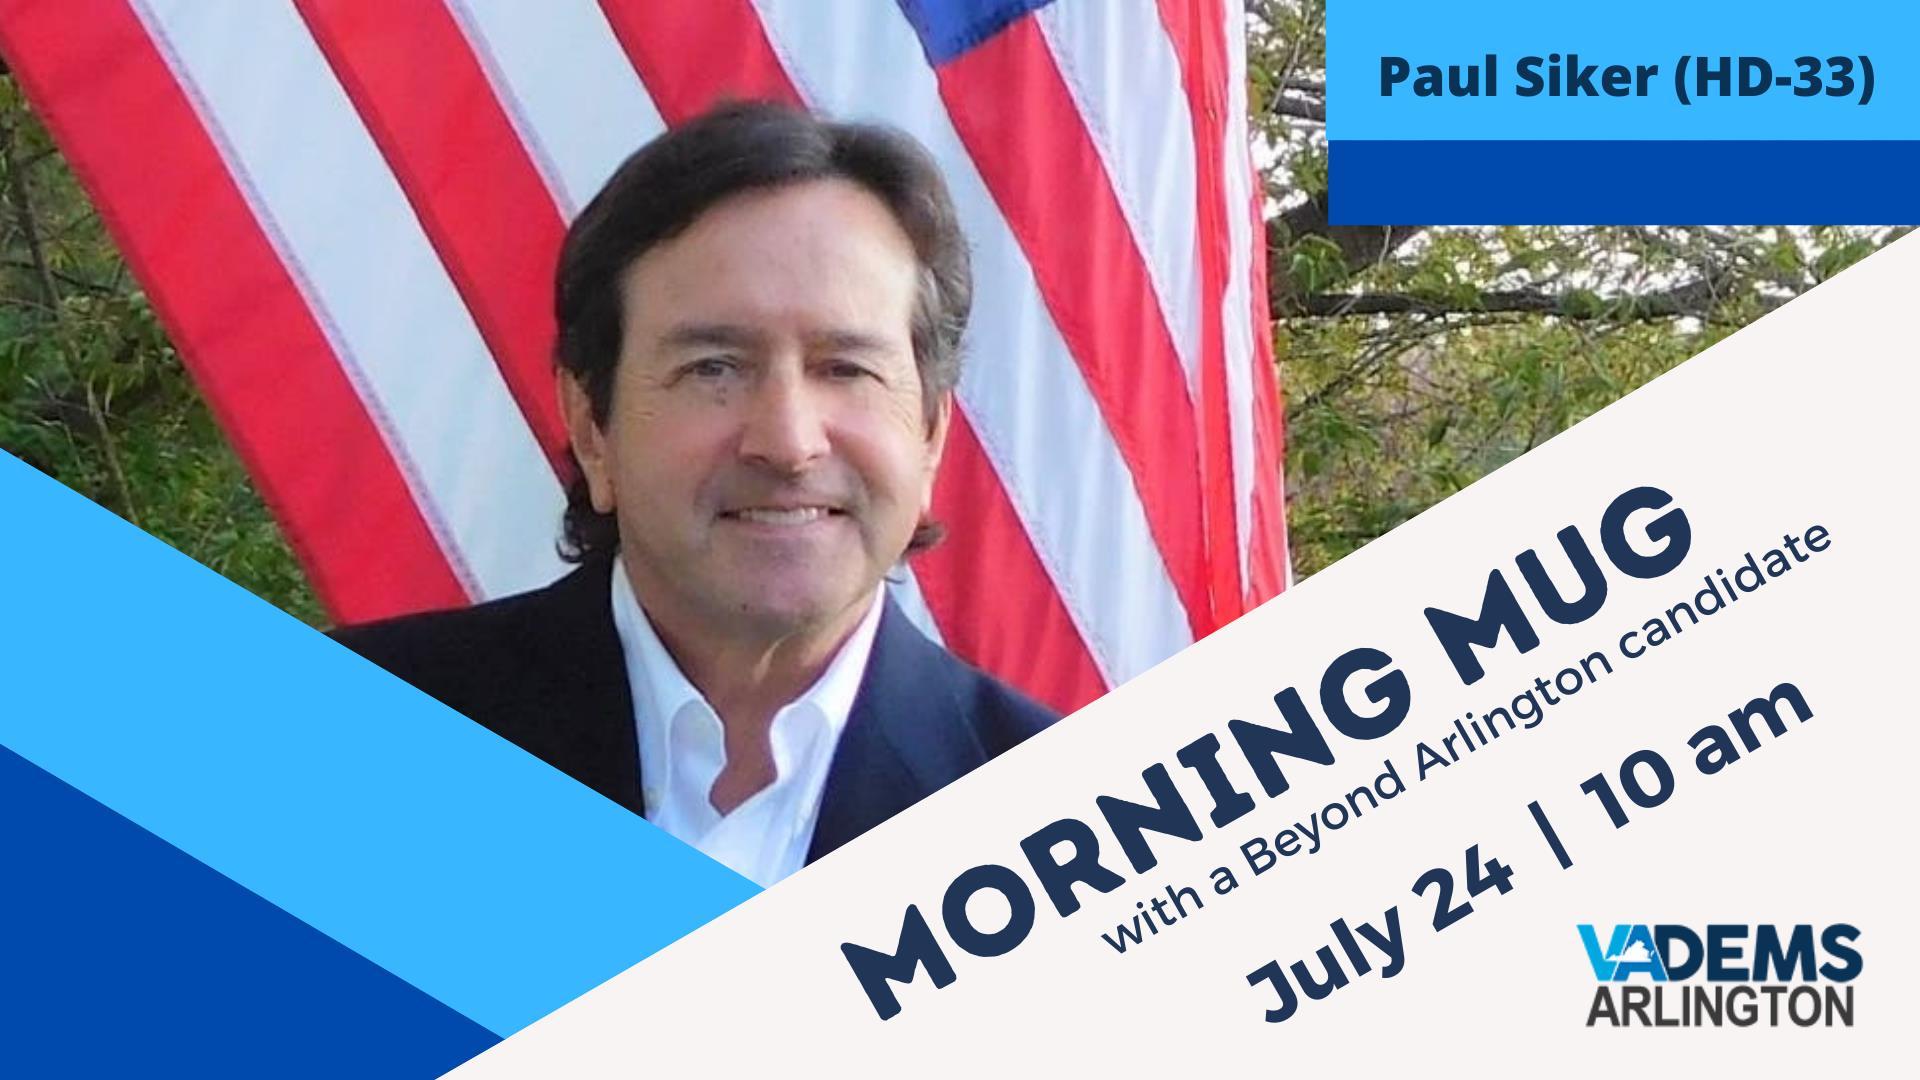 Taza de la mañana con el candidato de HoD Paul Siker